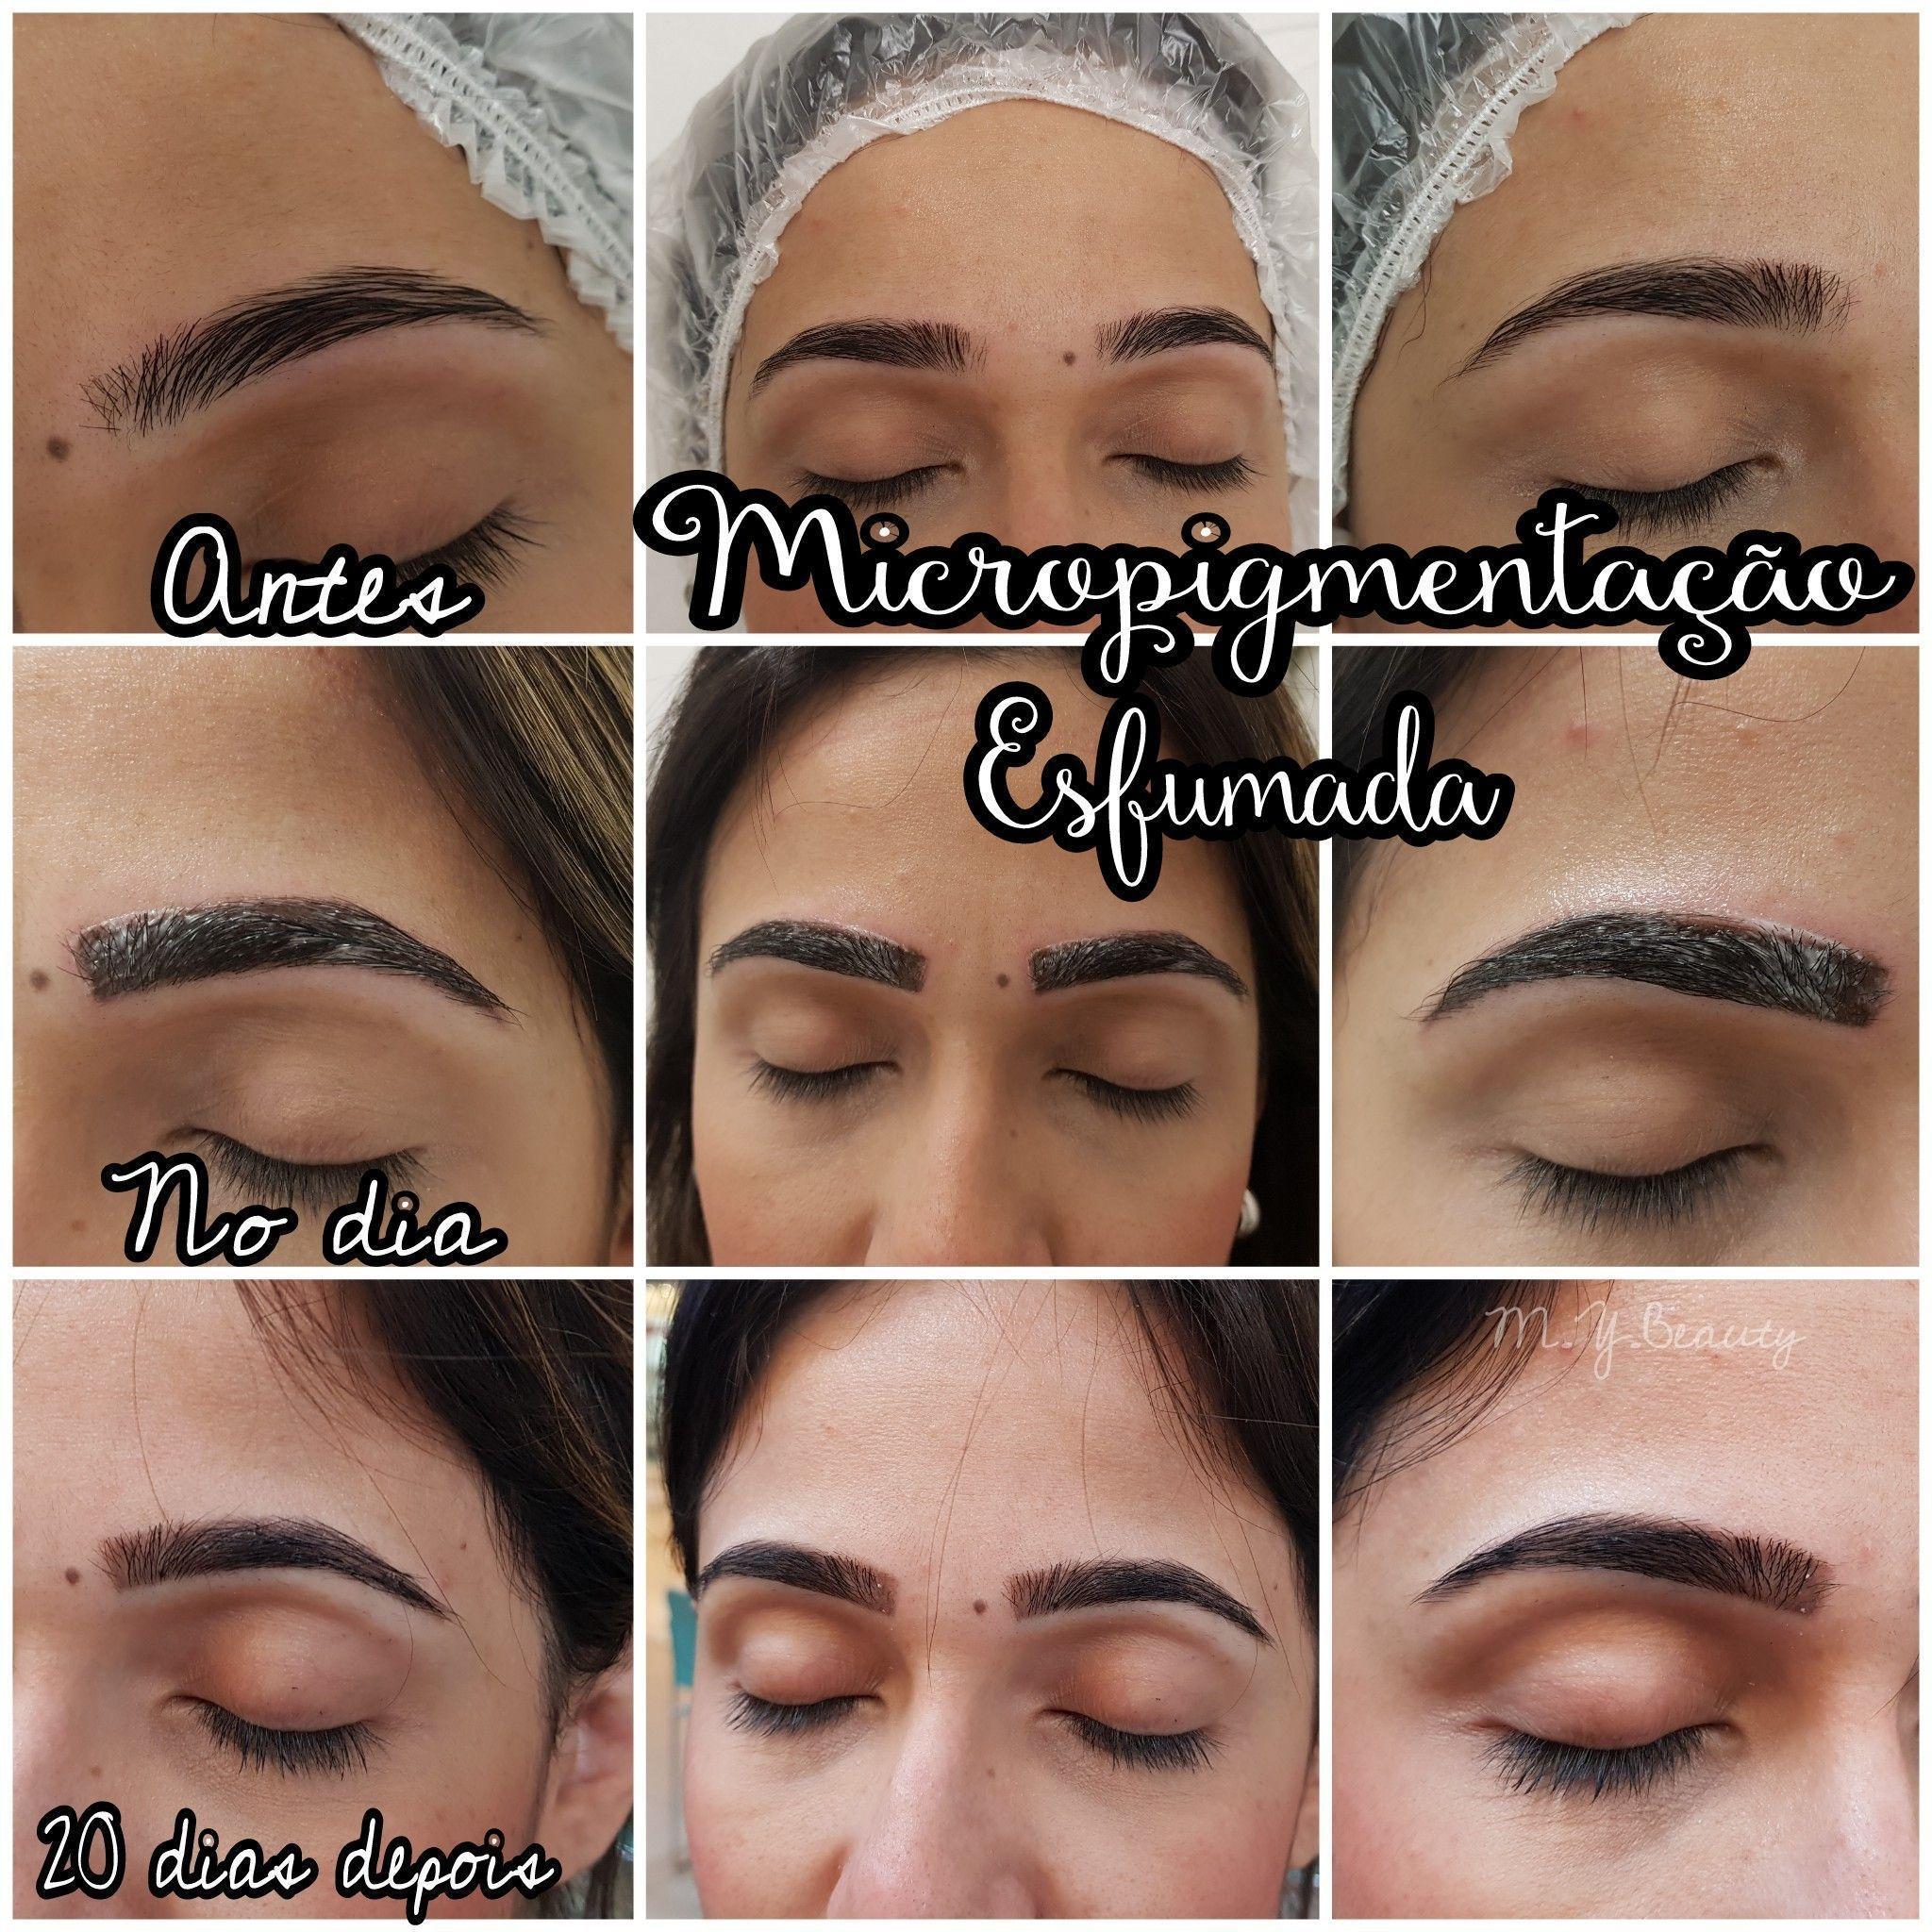 Micropigmentação de sobrancelhas com técnica esfumada estética depilador(a) depilador(a) designer de sobrancelhas